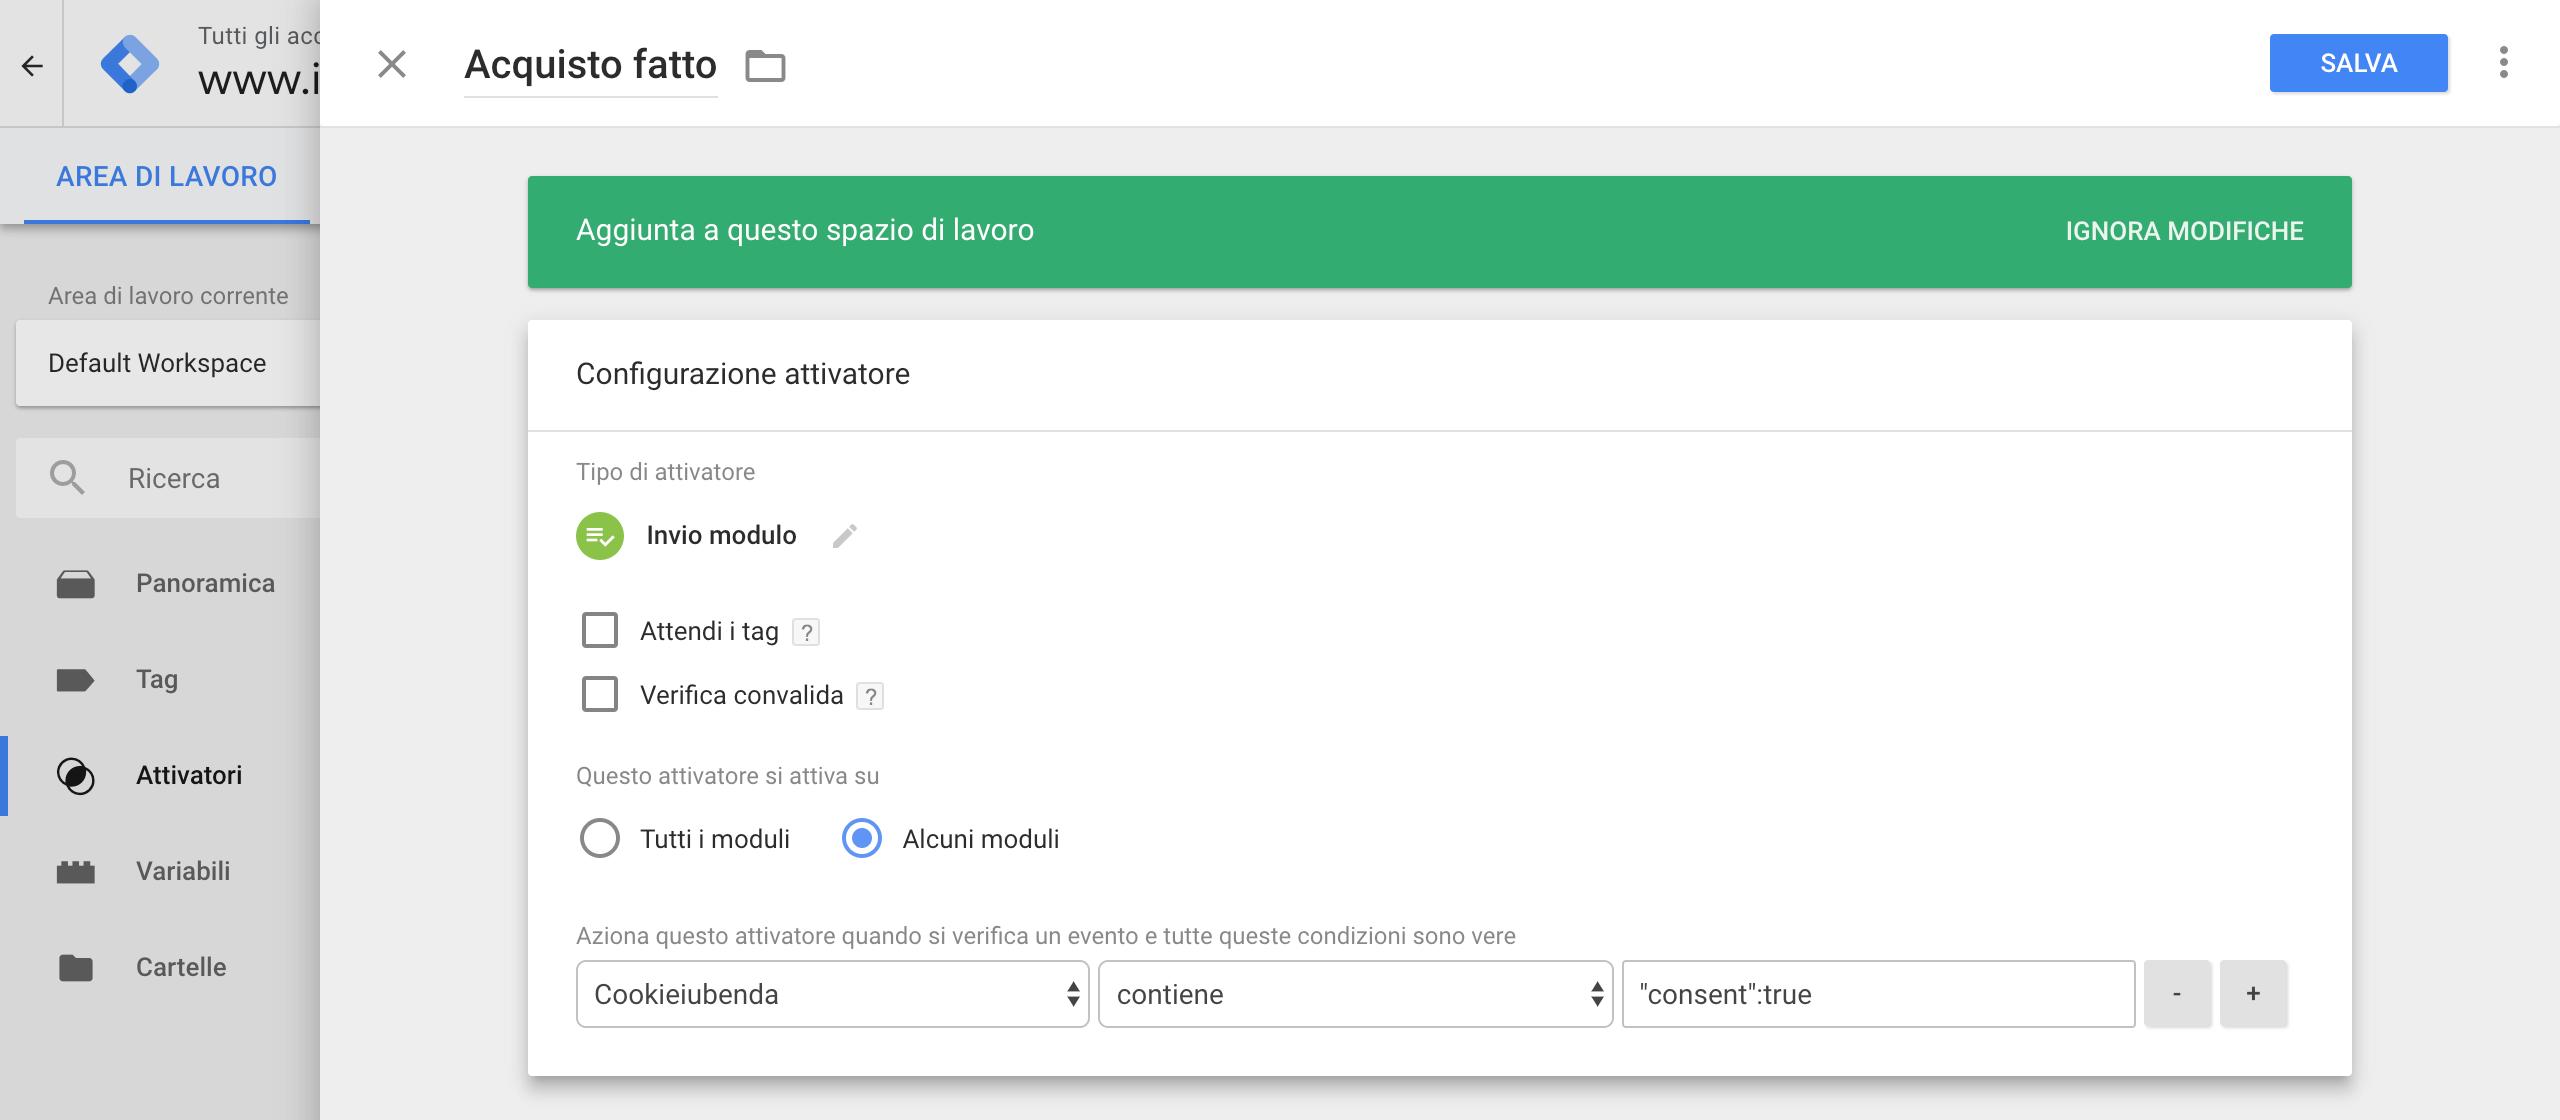 Google Tag Manager - Attivatore 'Invio modulo'